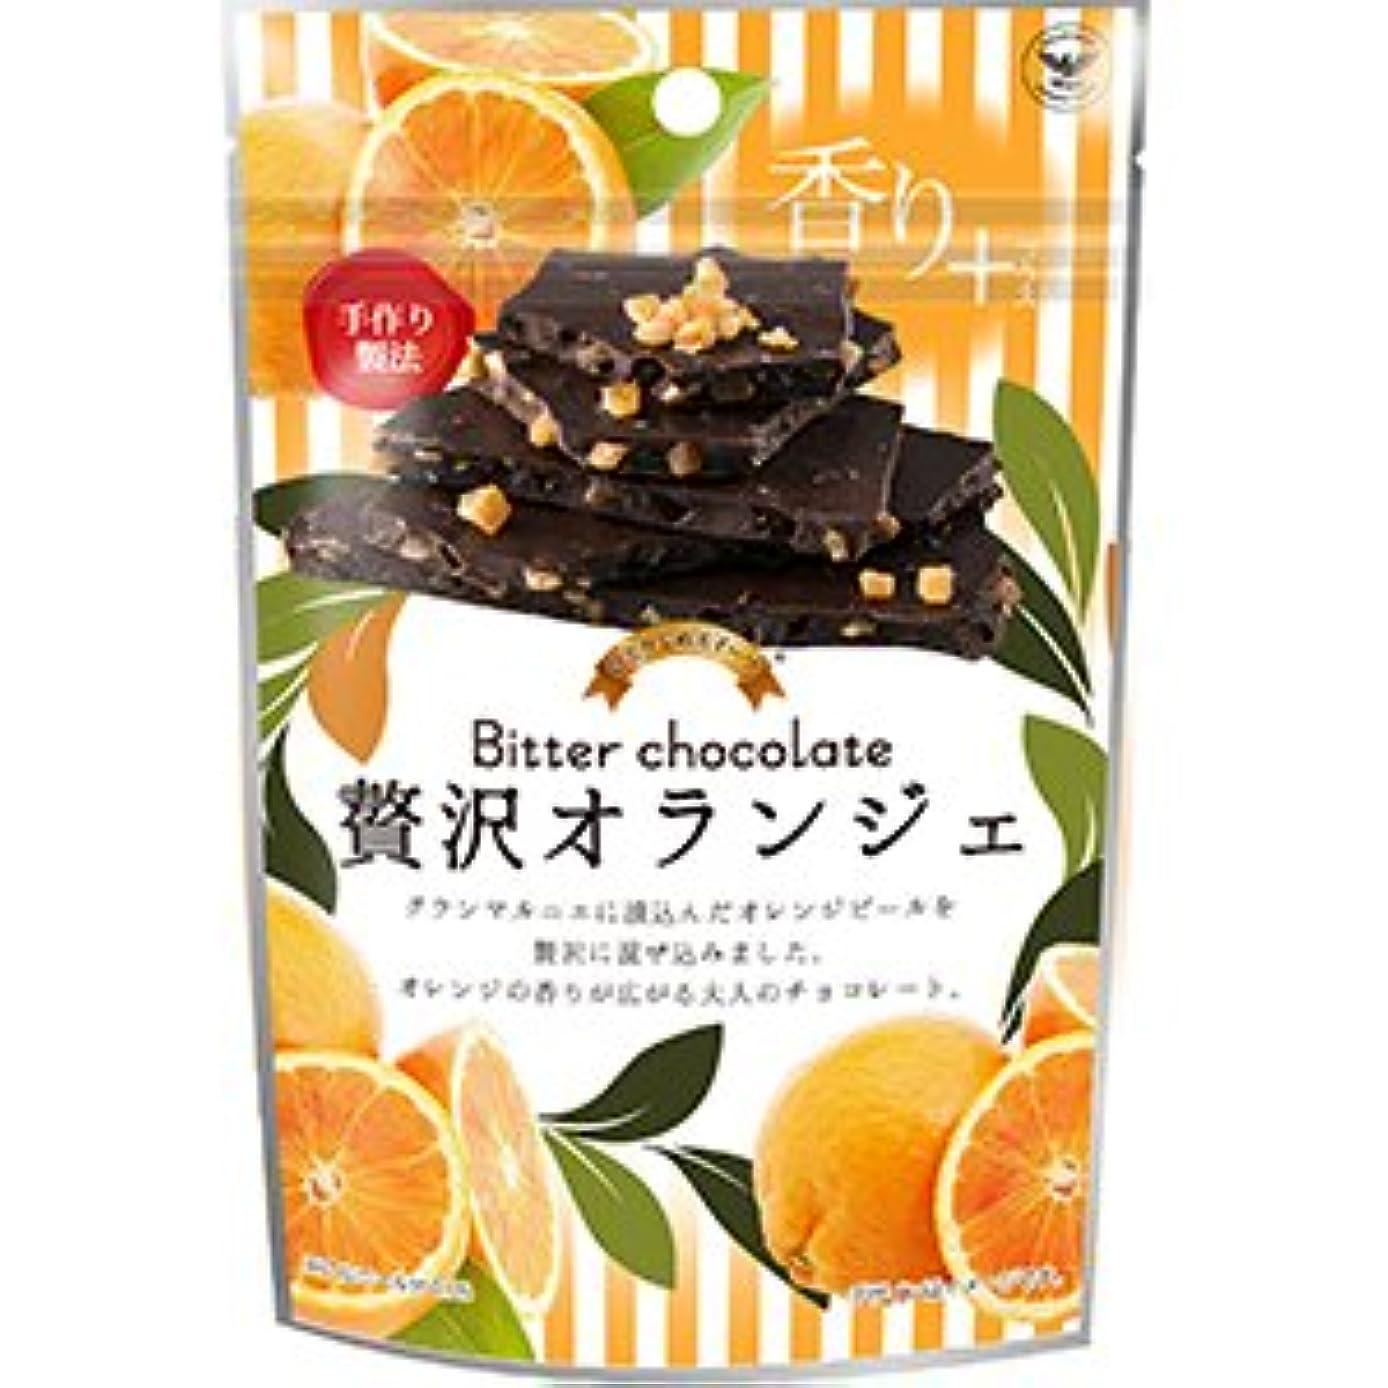 食用シールド数学者イーグル製菓 ひとりじめスイーツ ビターチョコレート 贅沢オランジェ 72g×6袋